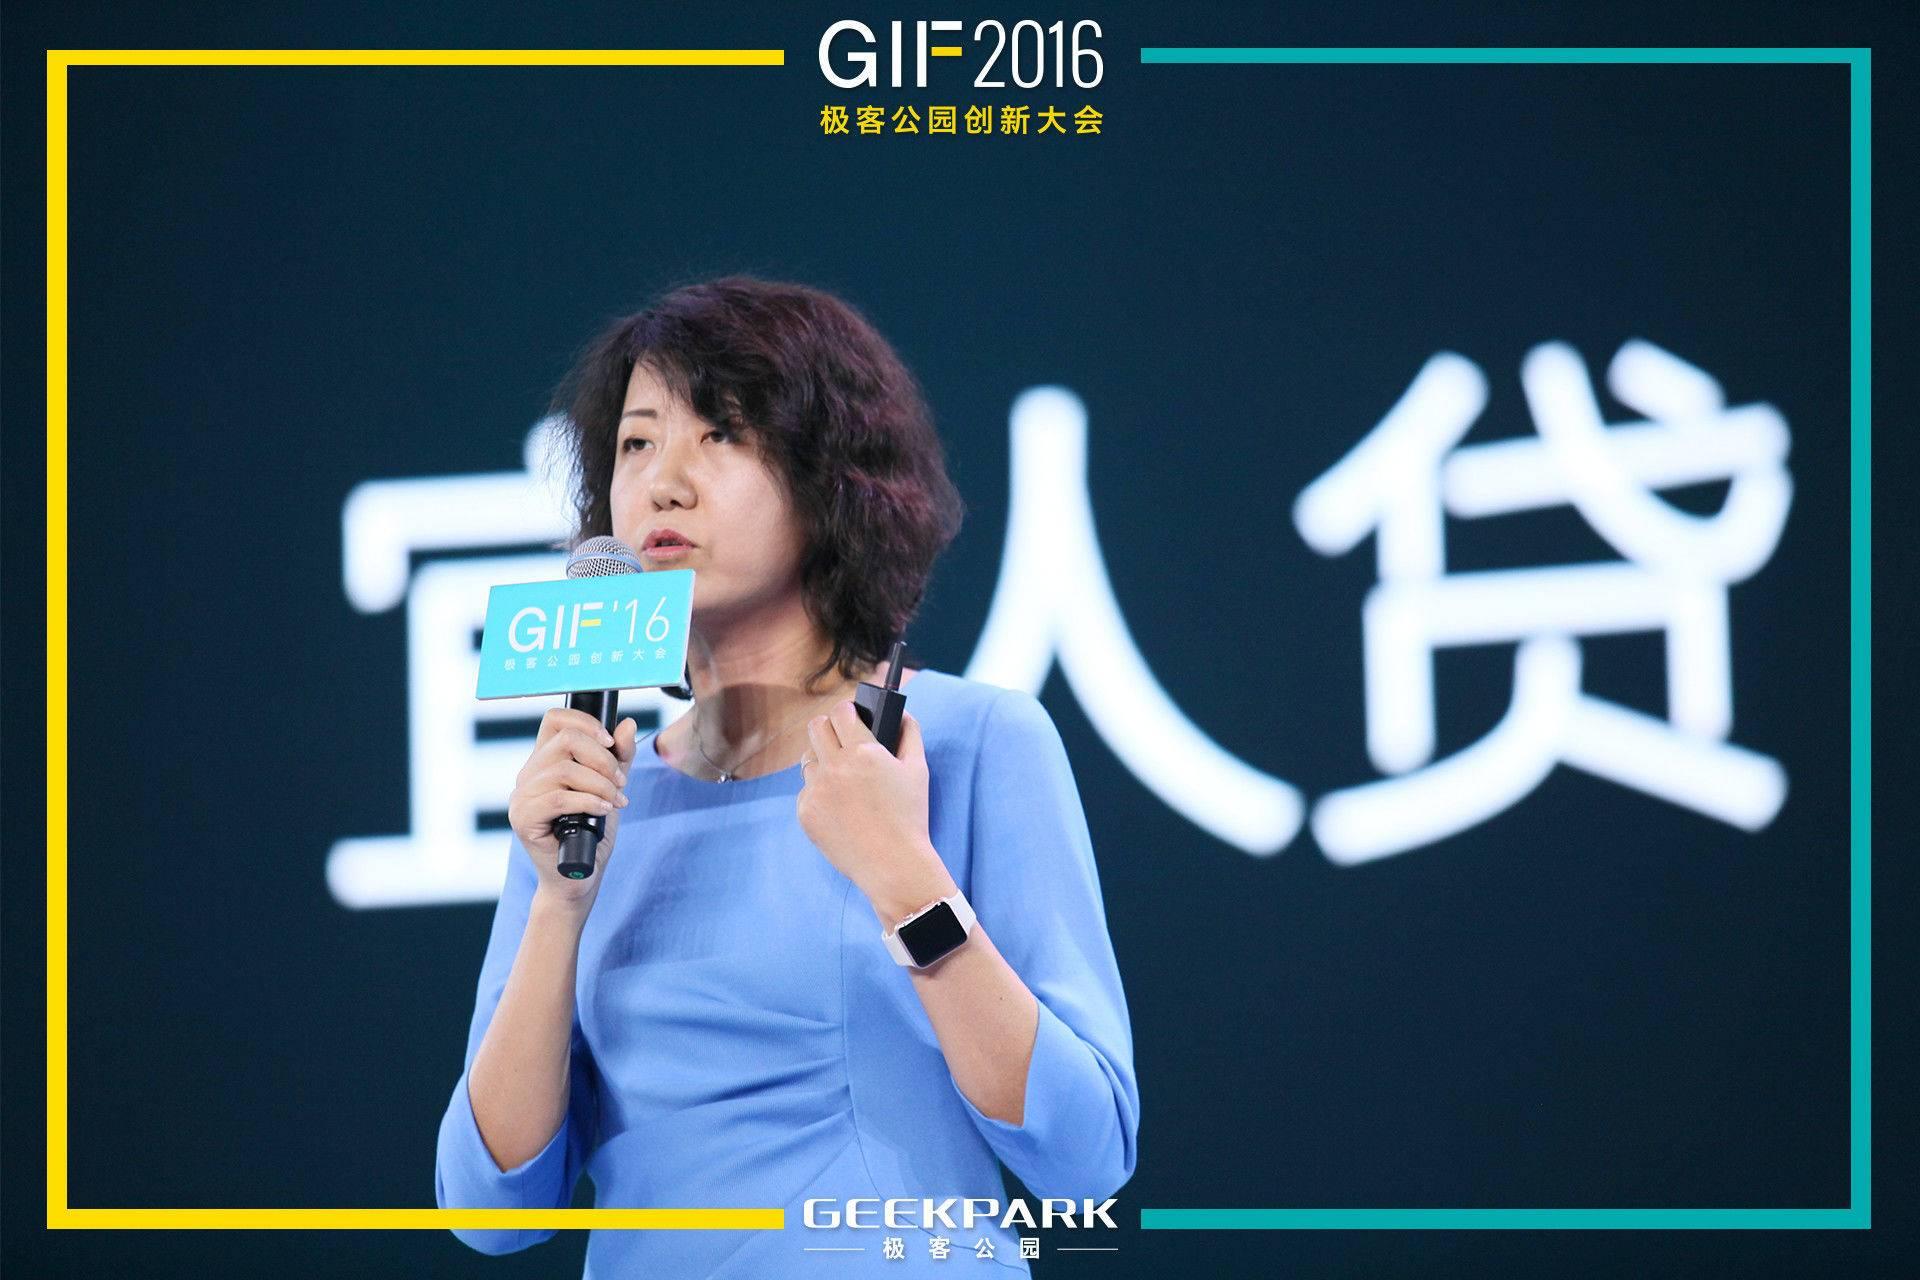 GIF0116宜人贷mark.jpg